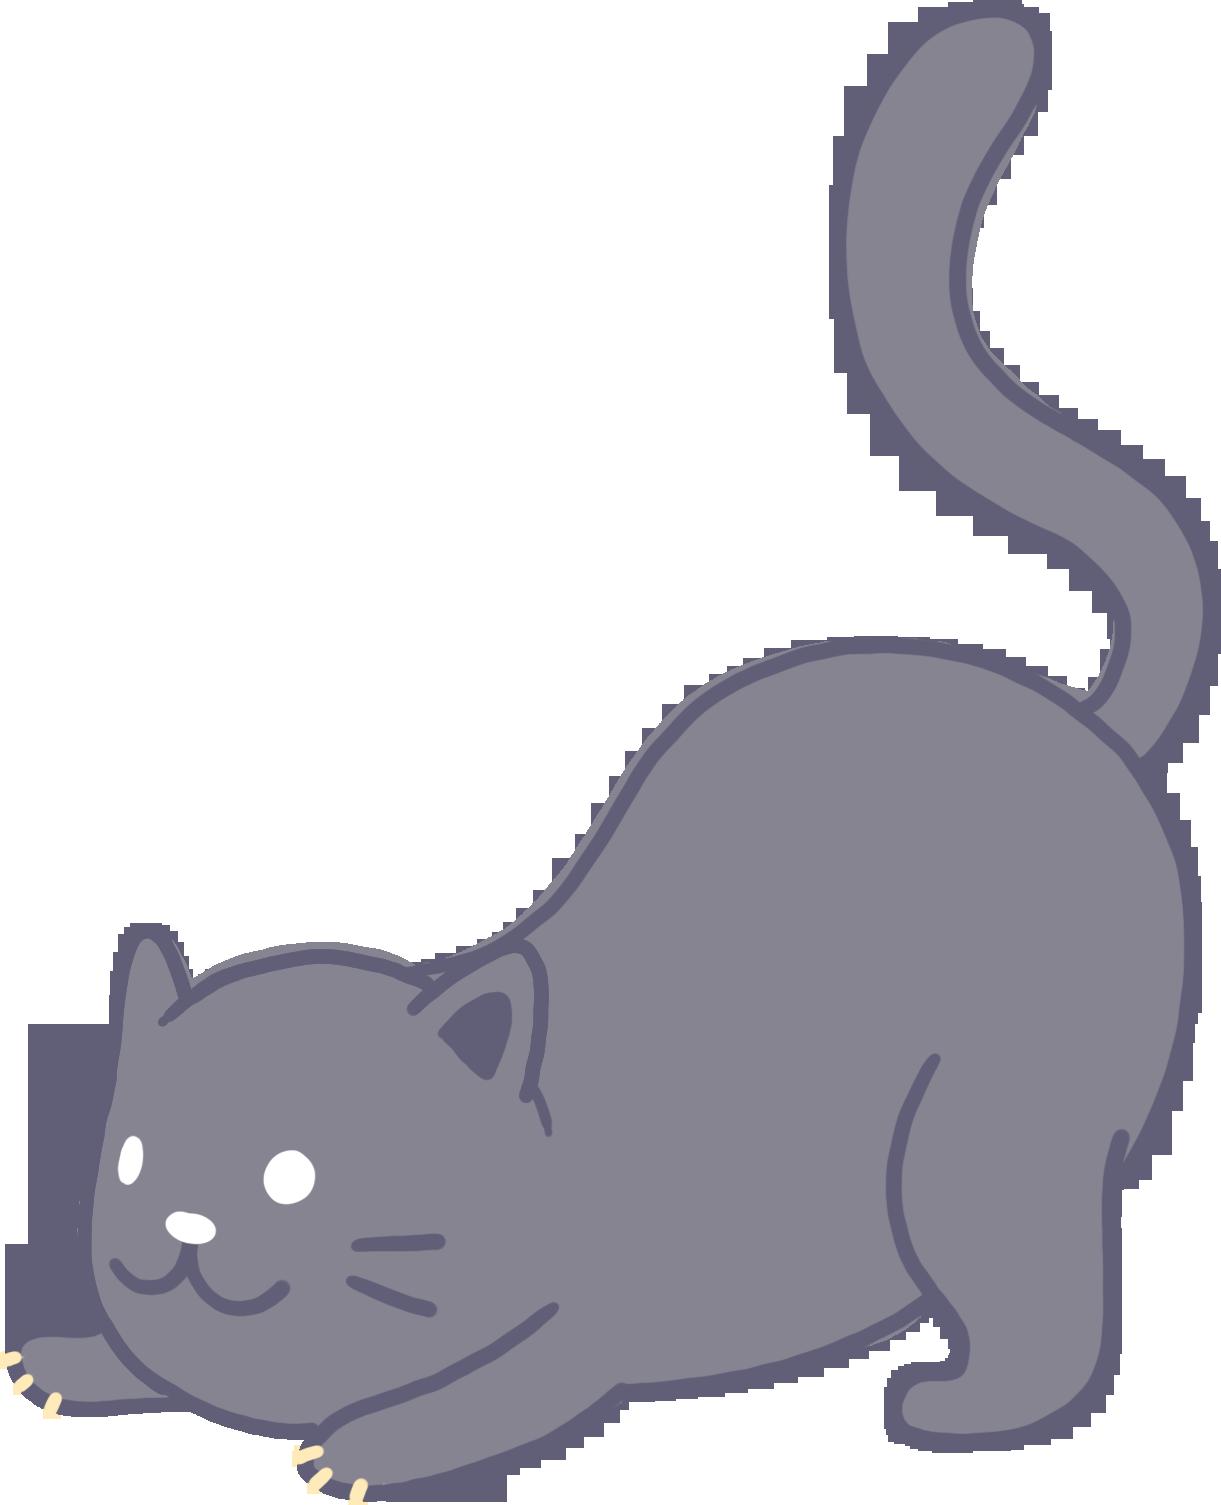 Uñas y garras: | Champion Cat